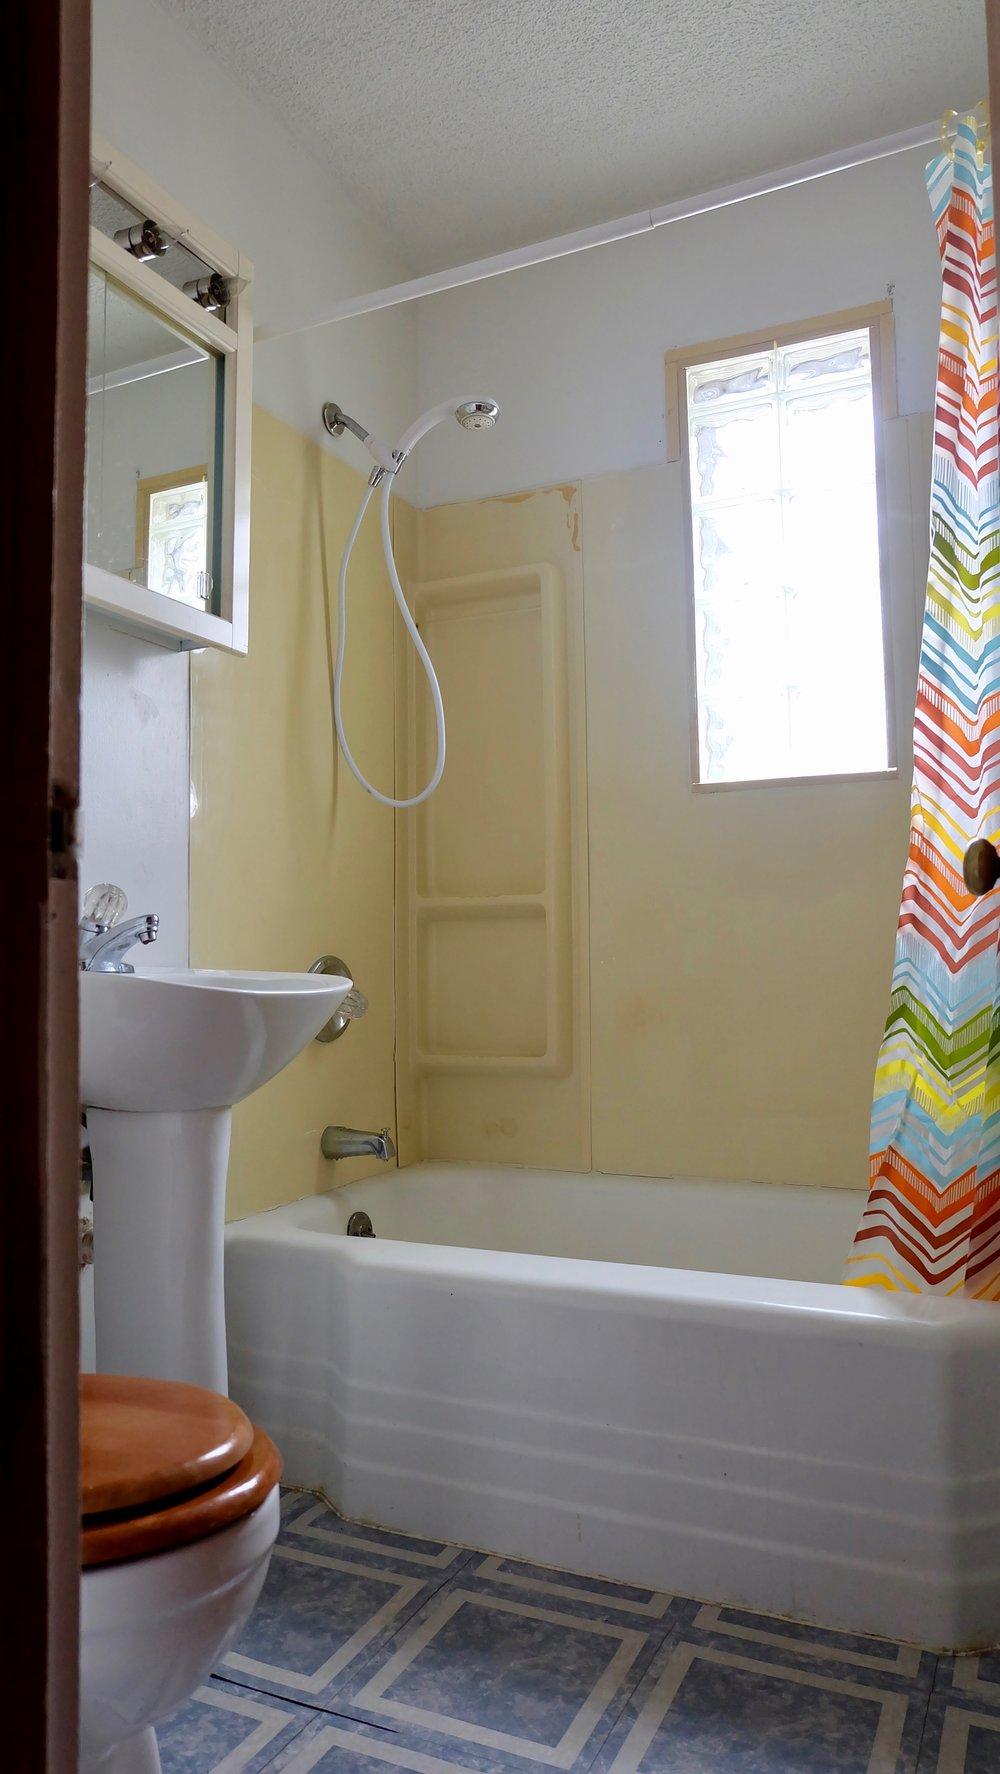 oldbathroom1.jpg